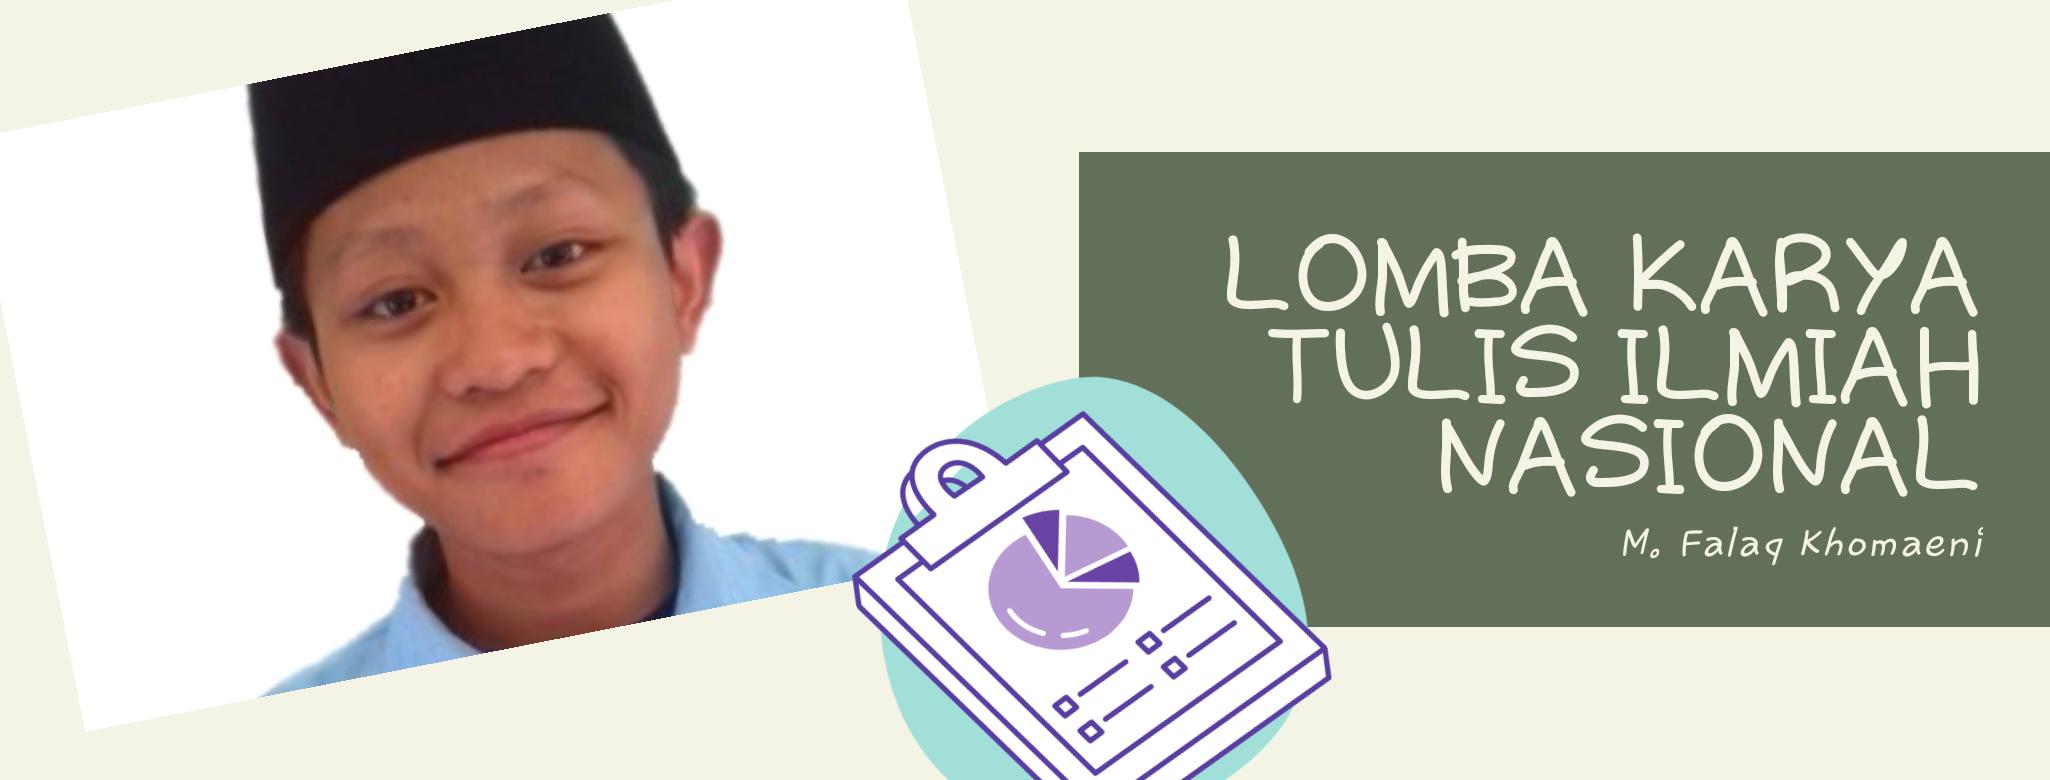 Siswa MAUWH Raih Juara pada Lomba Karya Tulis Ilmiah tingkat Nasional